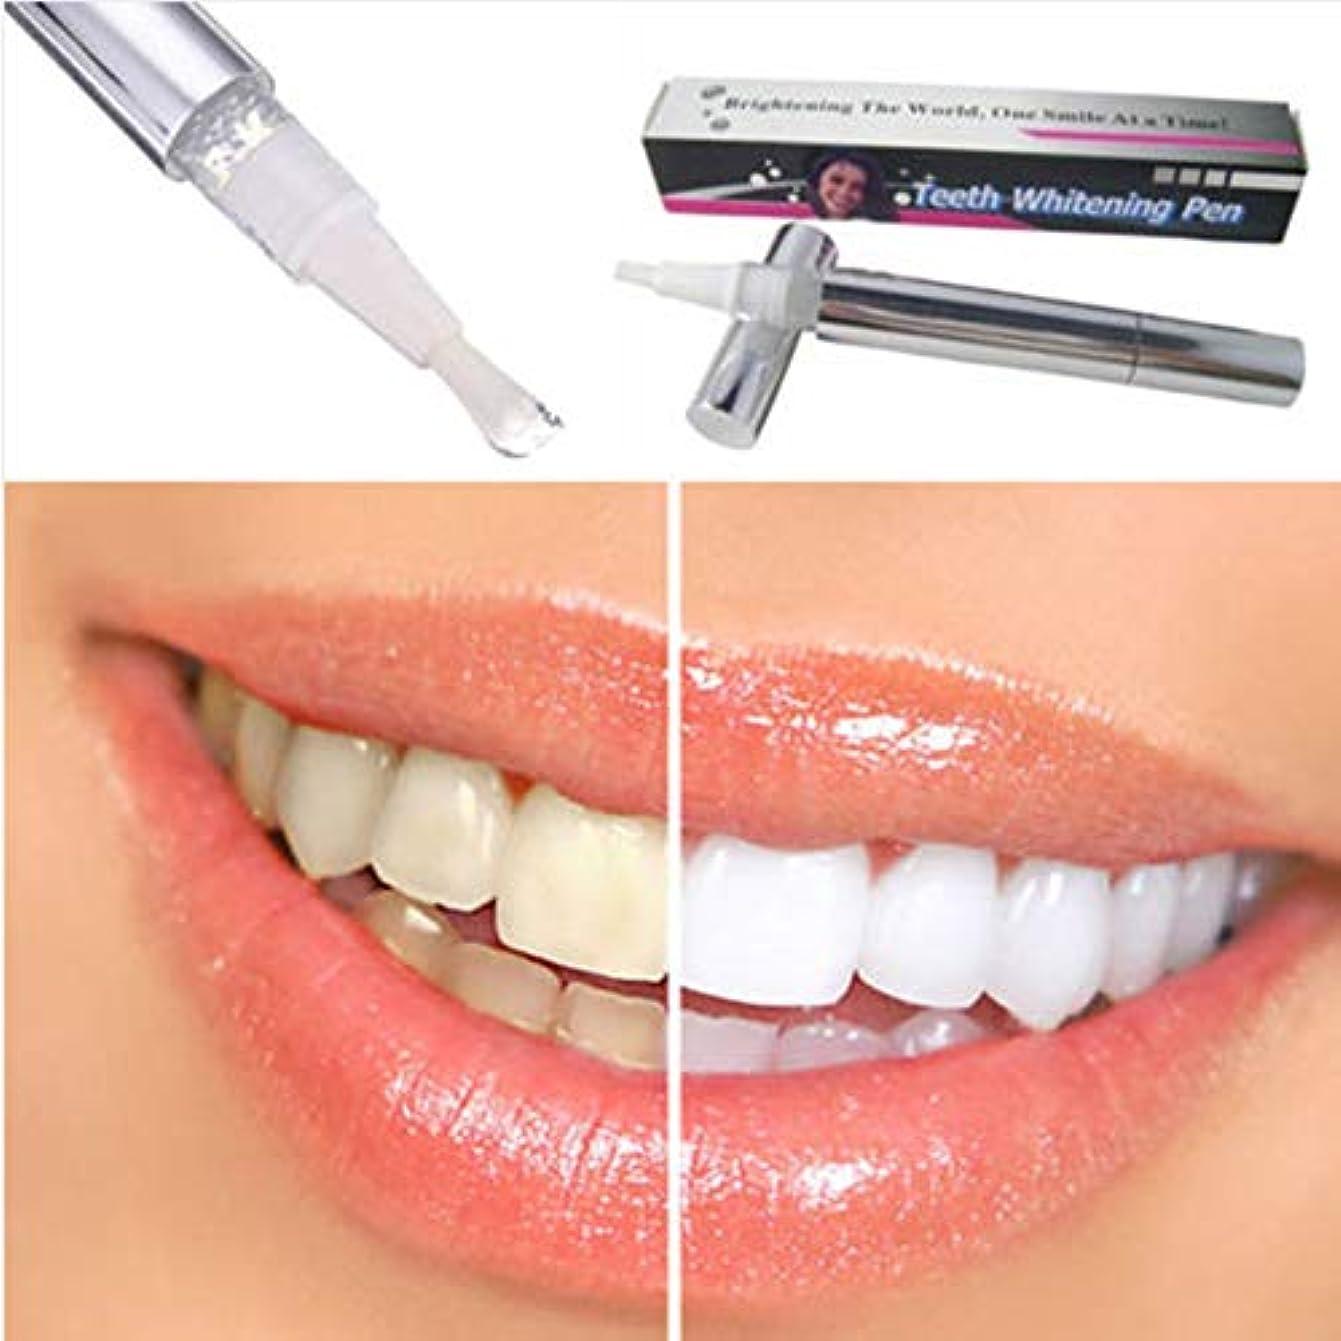 ありがたいキリマンジャロ決定ホワイトニングペン型真っ白な歯 ホワイトニングペン 歯の白い漂白剤 瞬間汚れ消しゴムリムーバー